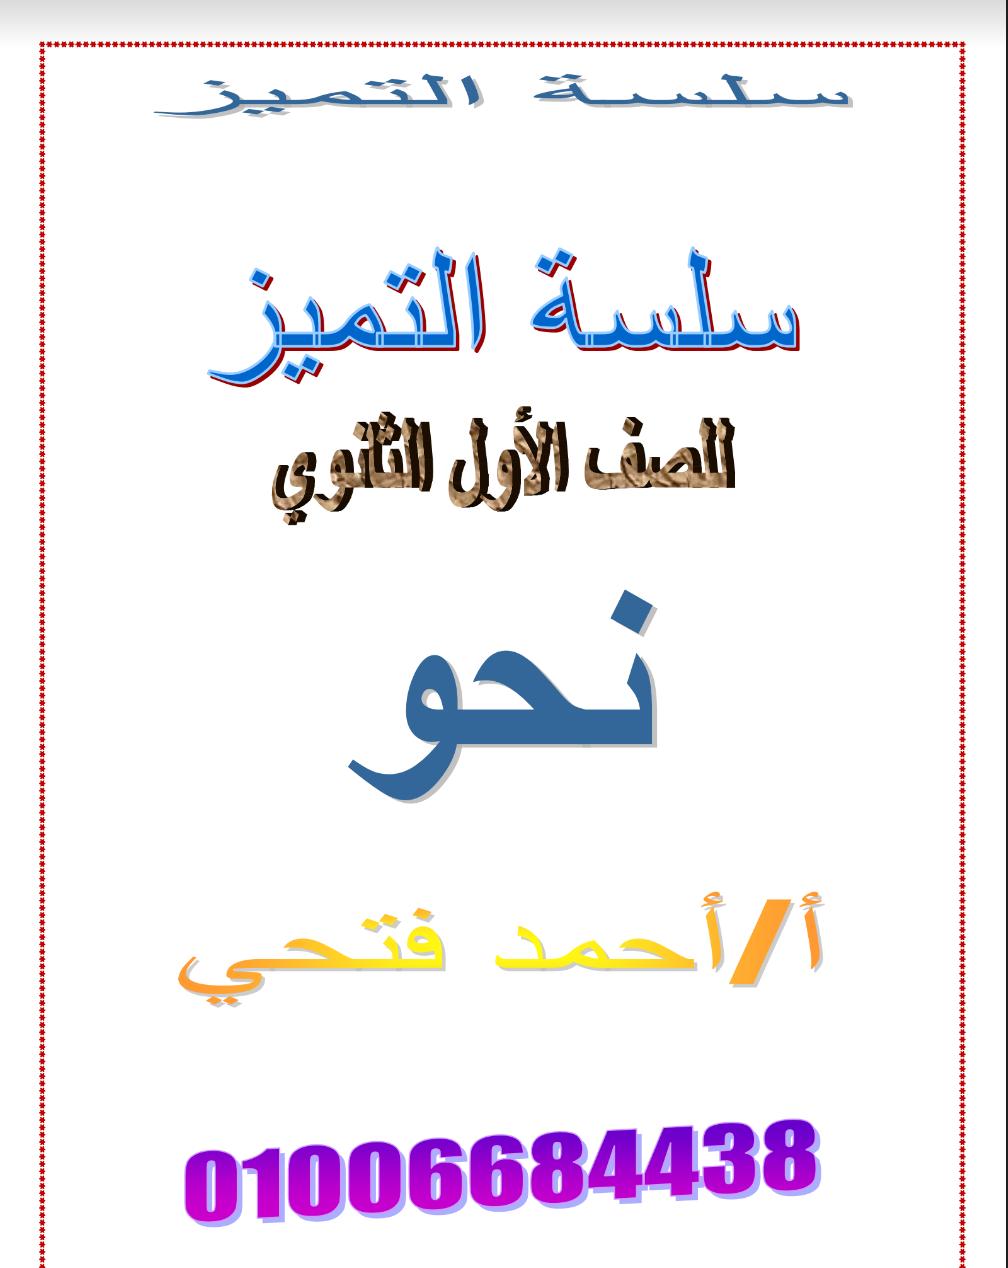 مراجعة نهائية لغة عربية للصف الأول الثانوي لعام 2021